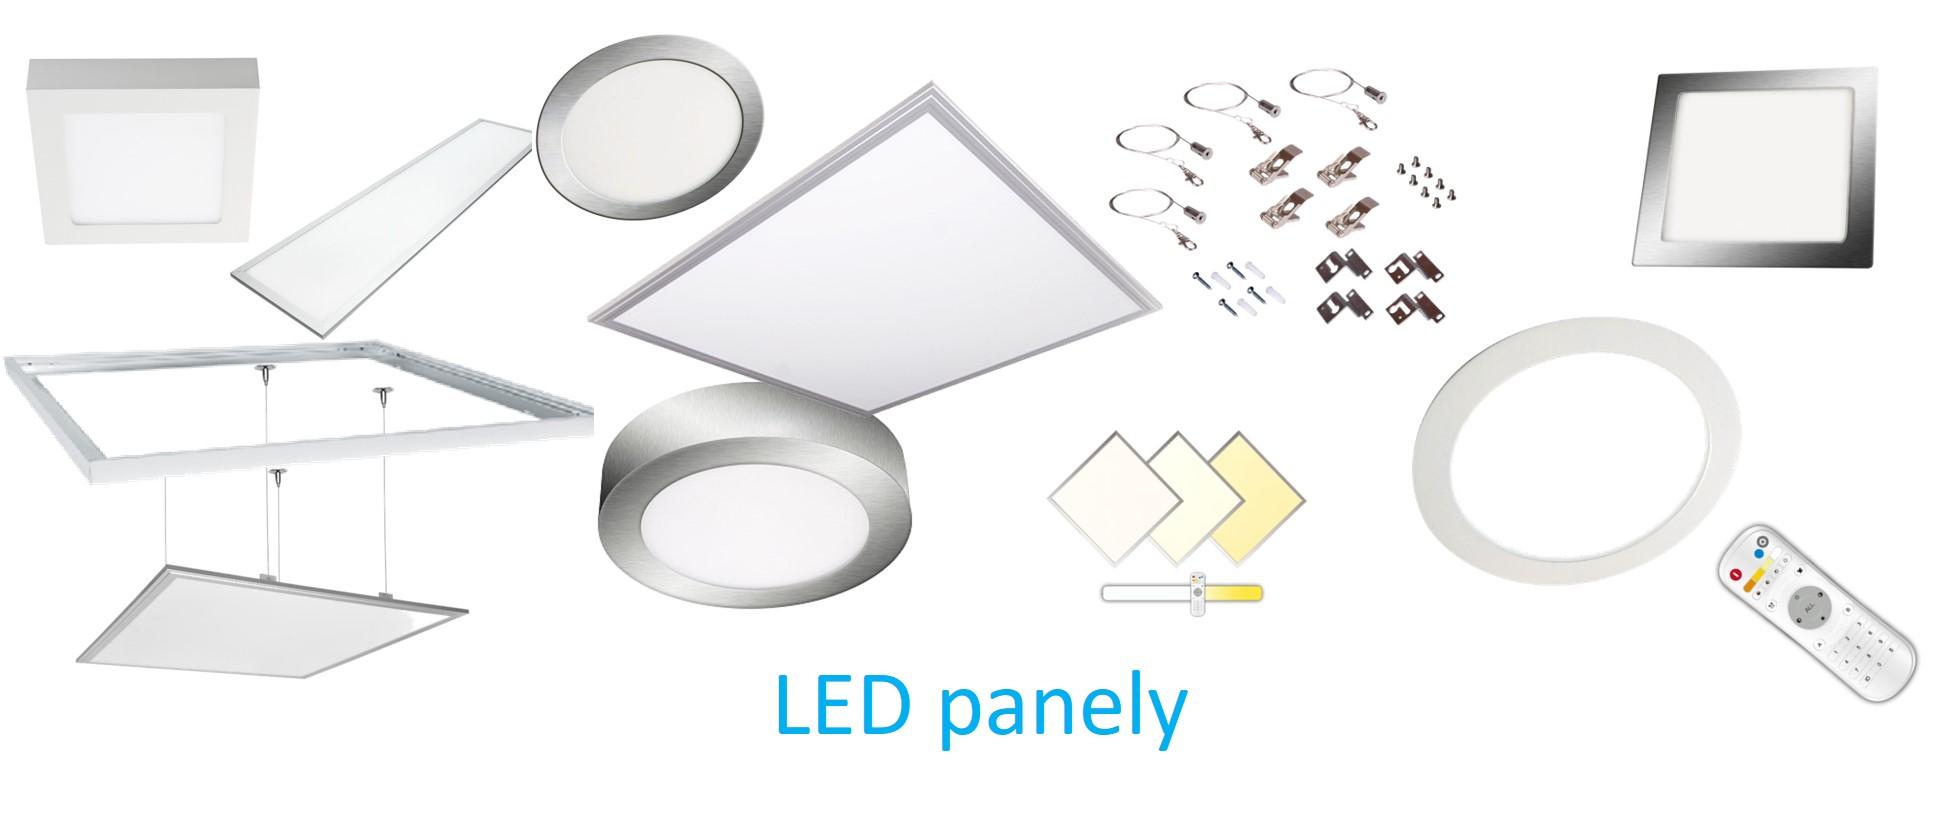 LED panely MaxLumen